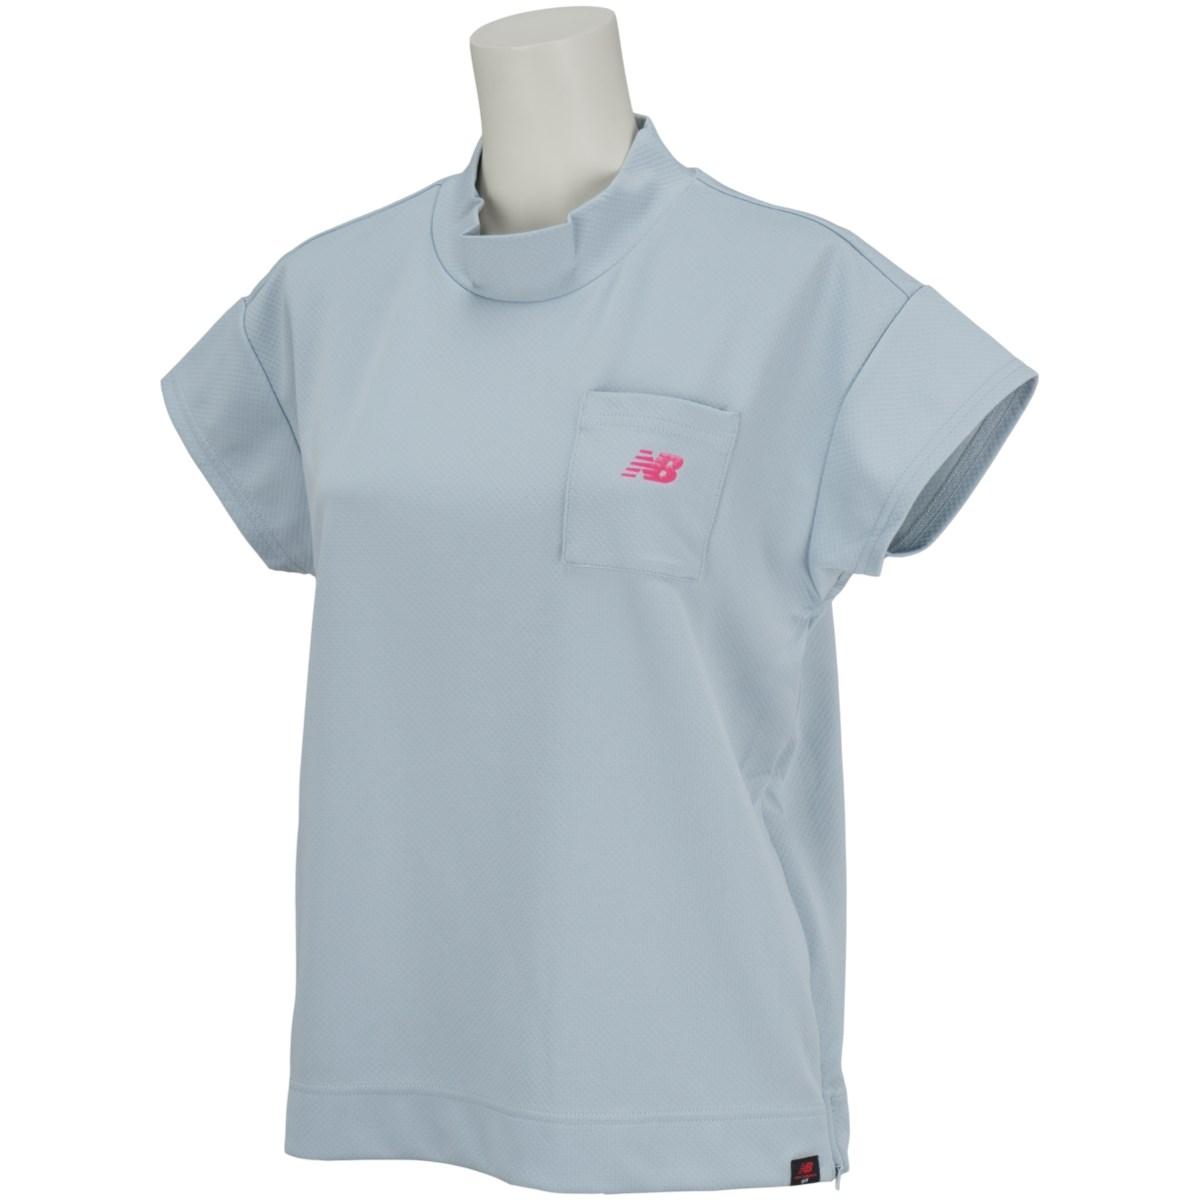 ニューバランス New Balance SPORT 半袖Tシャツ 0 グレー 021 レディス